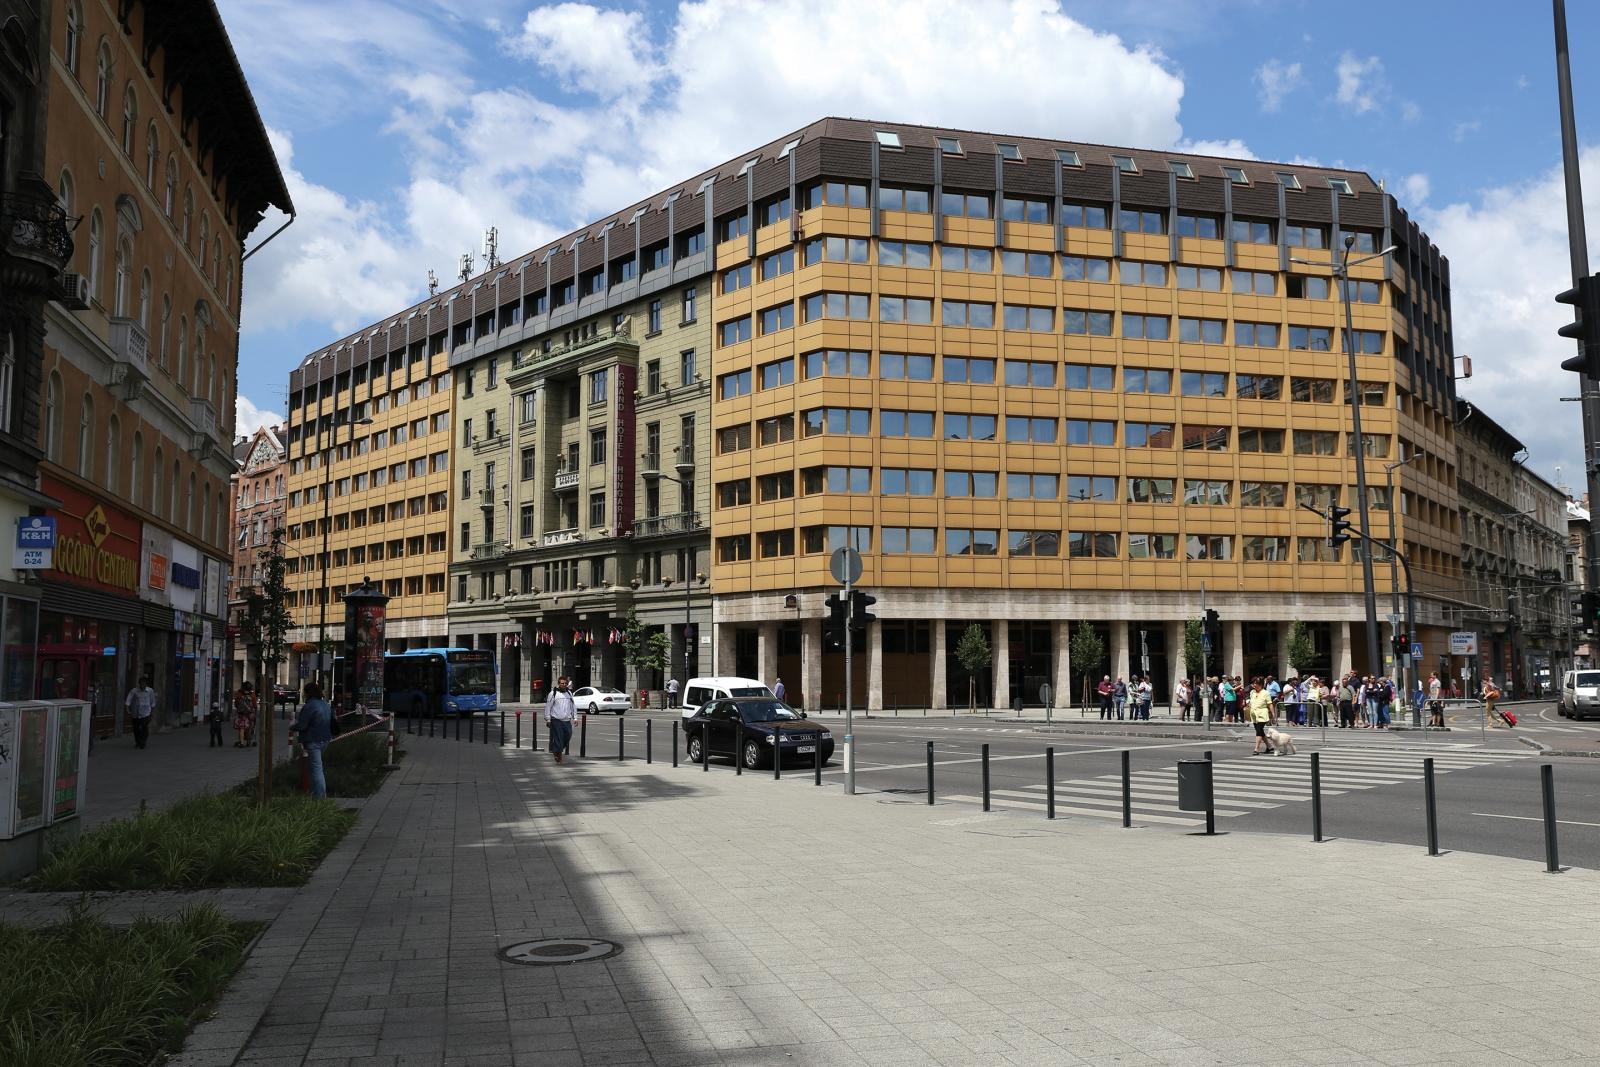 Magyarország legnagyobb szállodája: Hotel Hungaria City Center